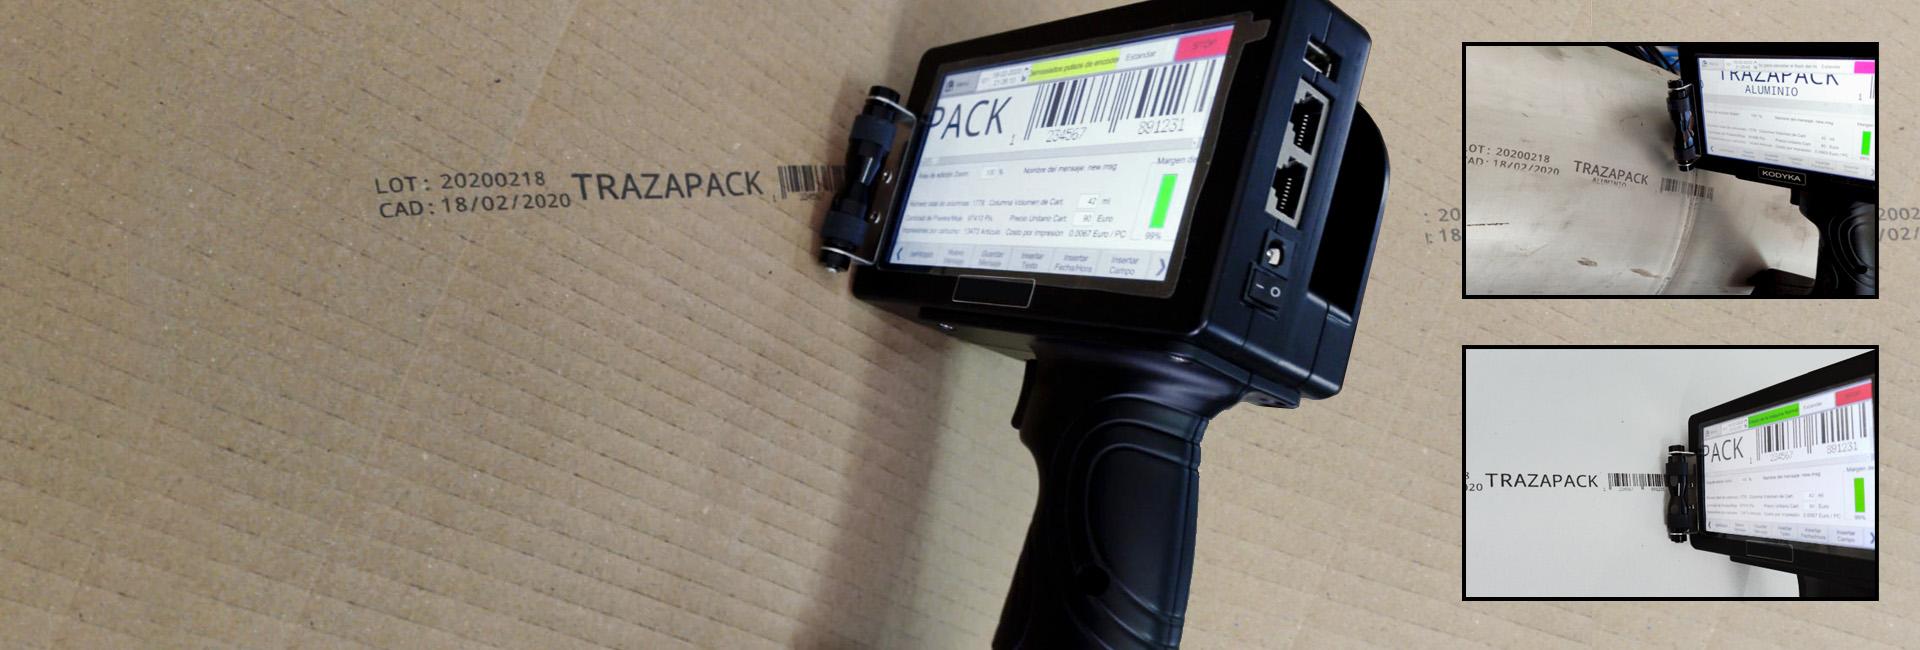 Impresora TIJ manual K112M - K125M